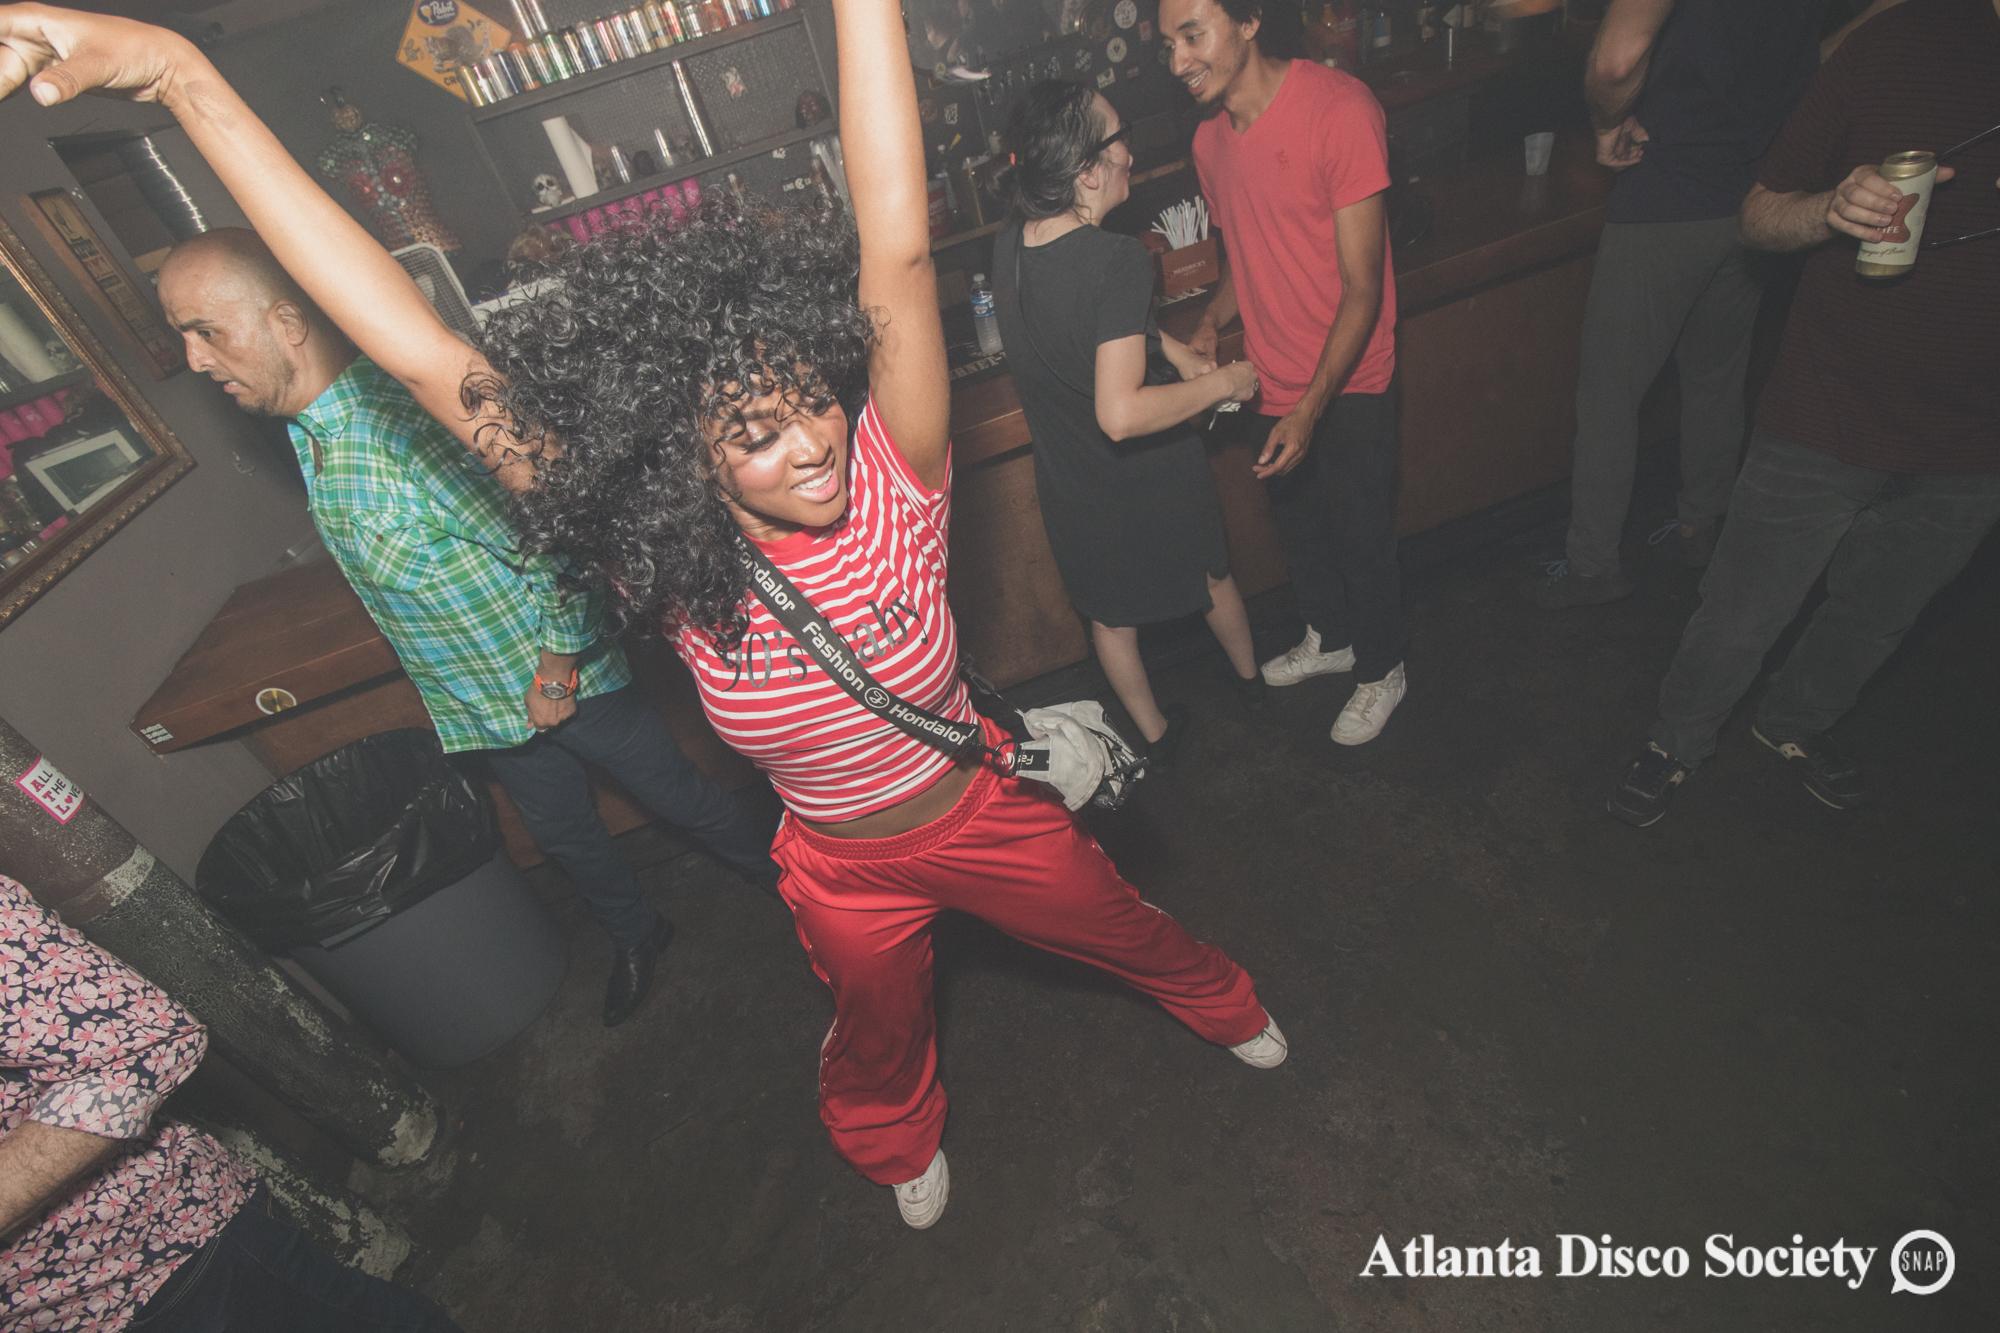 151Atlanta Disco Society Grace Kelly Oh Snap Kid 7.27.19.jpg